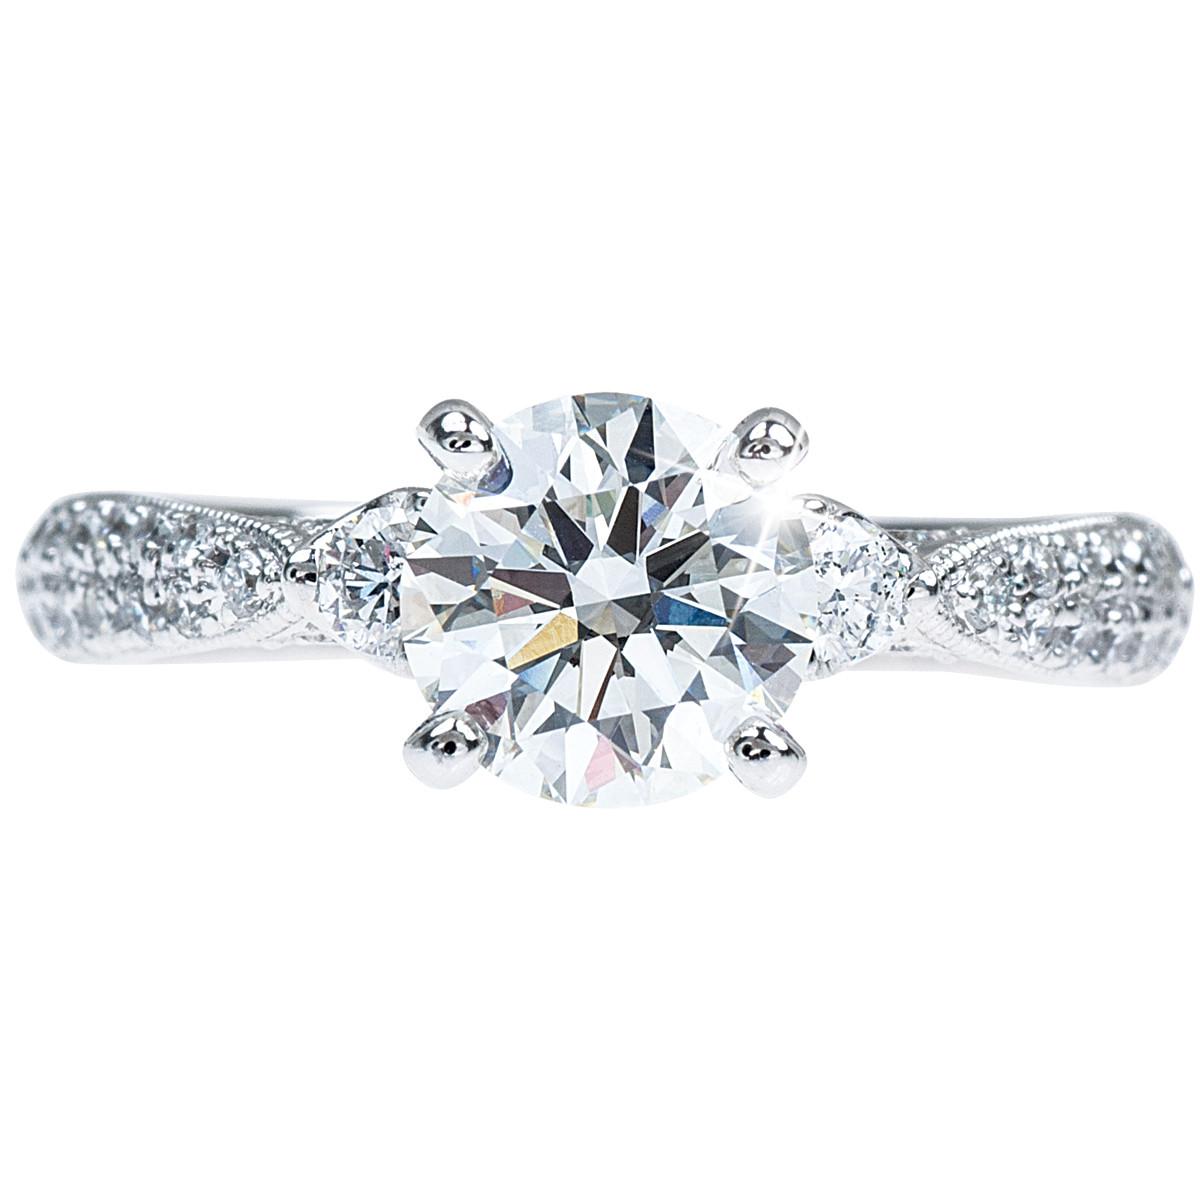 New Venetti 1.67 CTW Diamond Engagement Ring